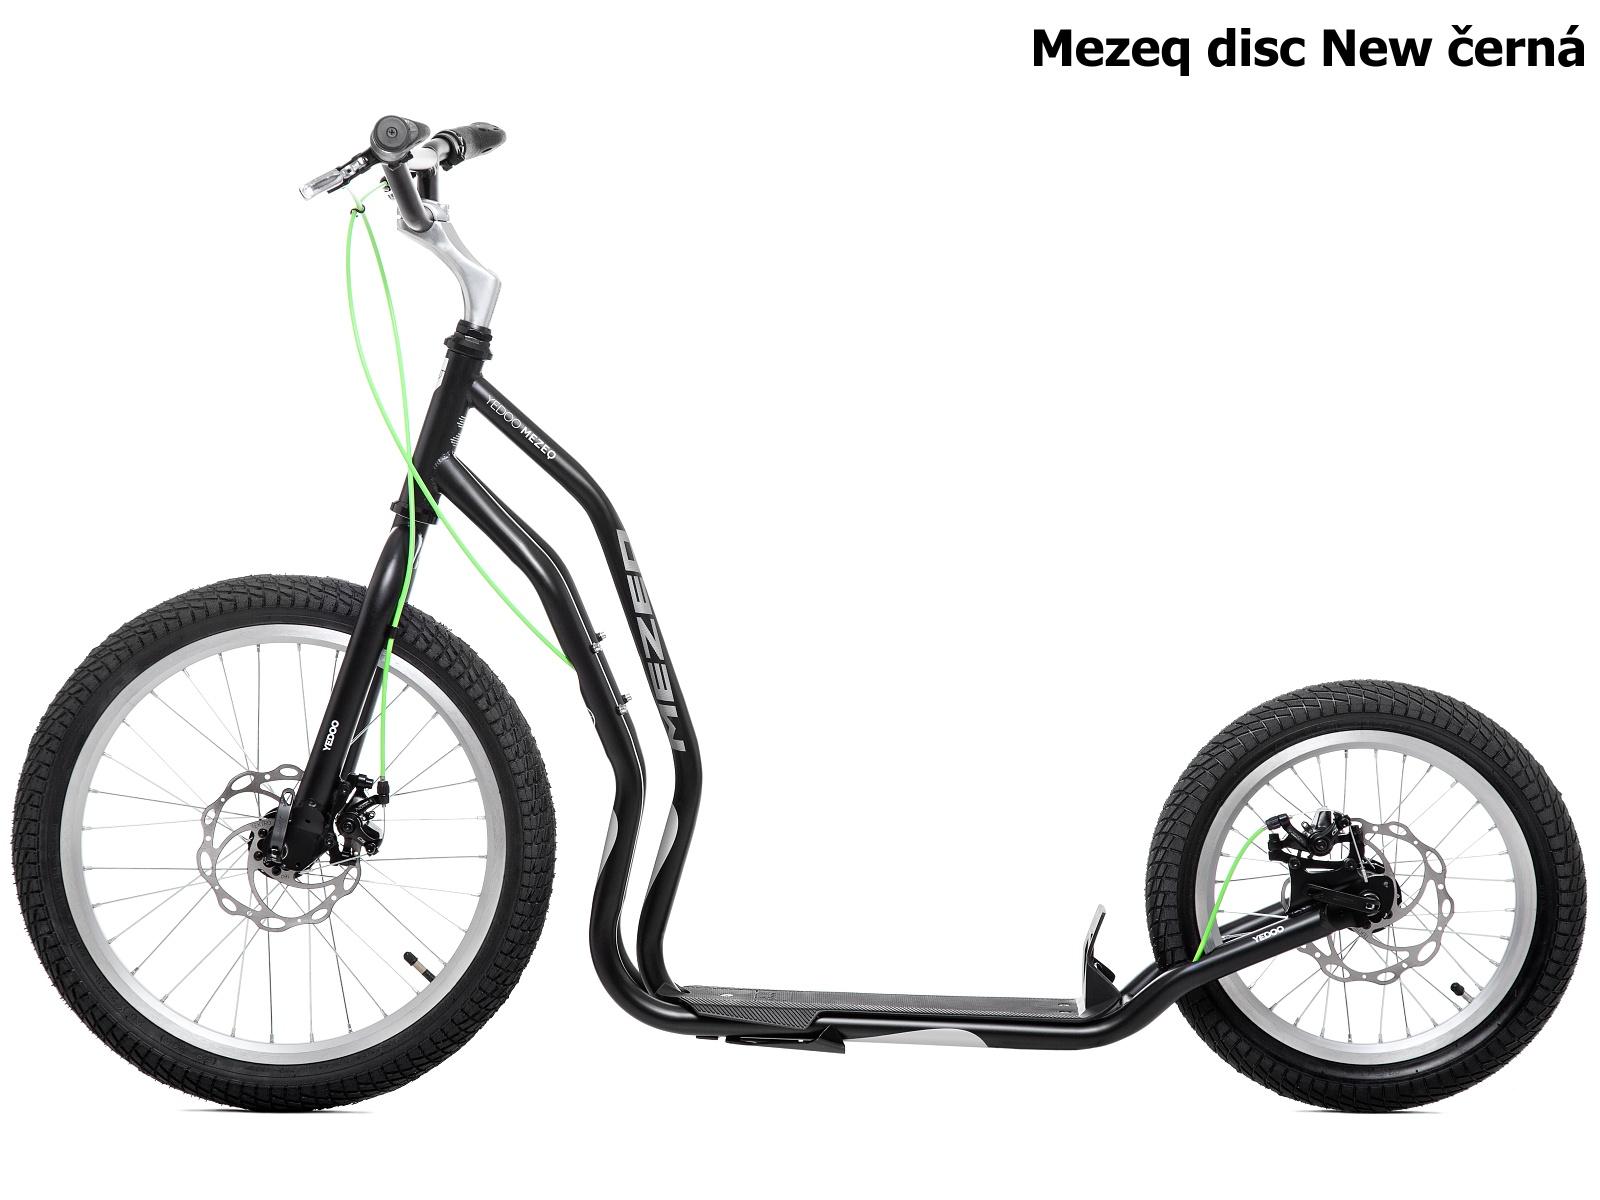 Koloběžka YEDOO Mezeq disc New 20-16 černá